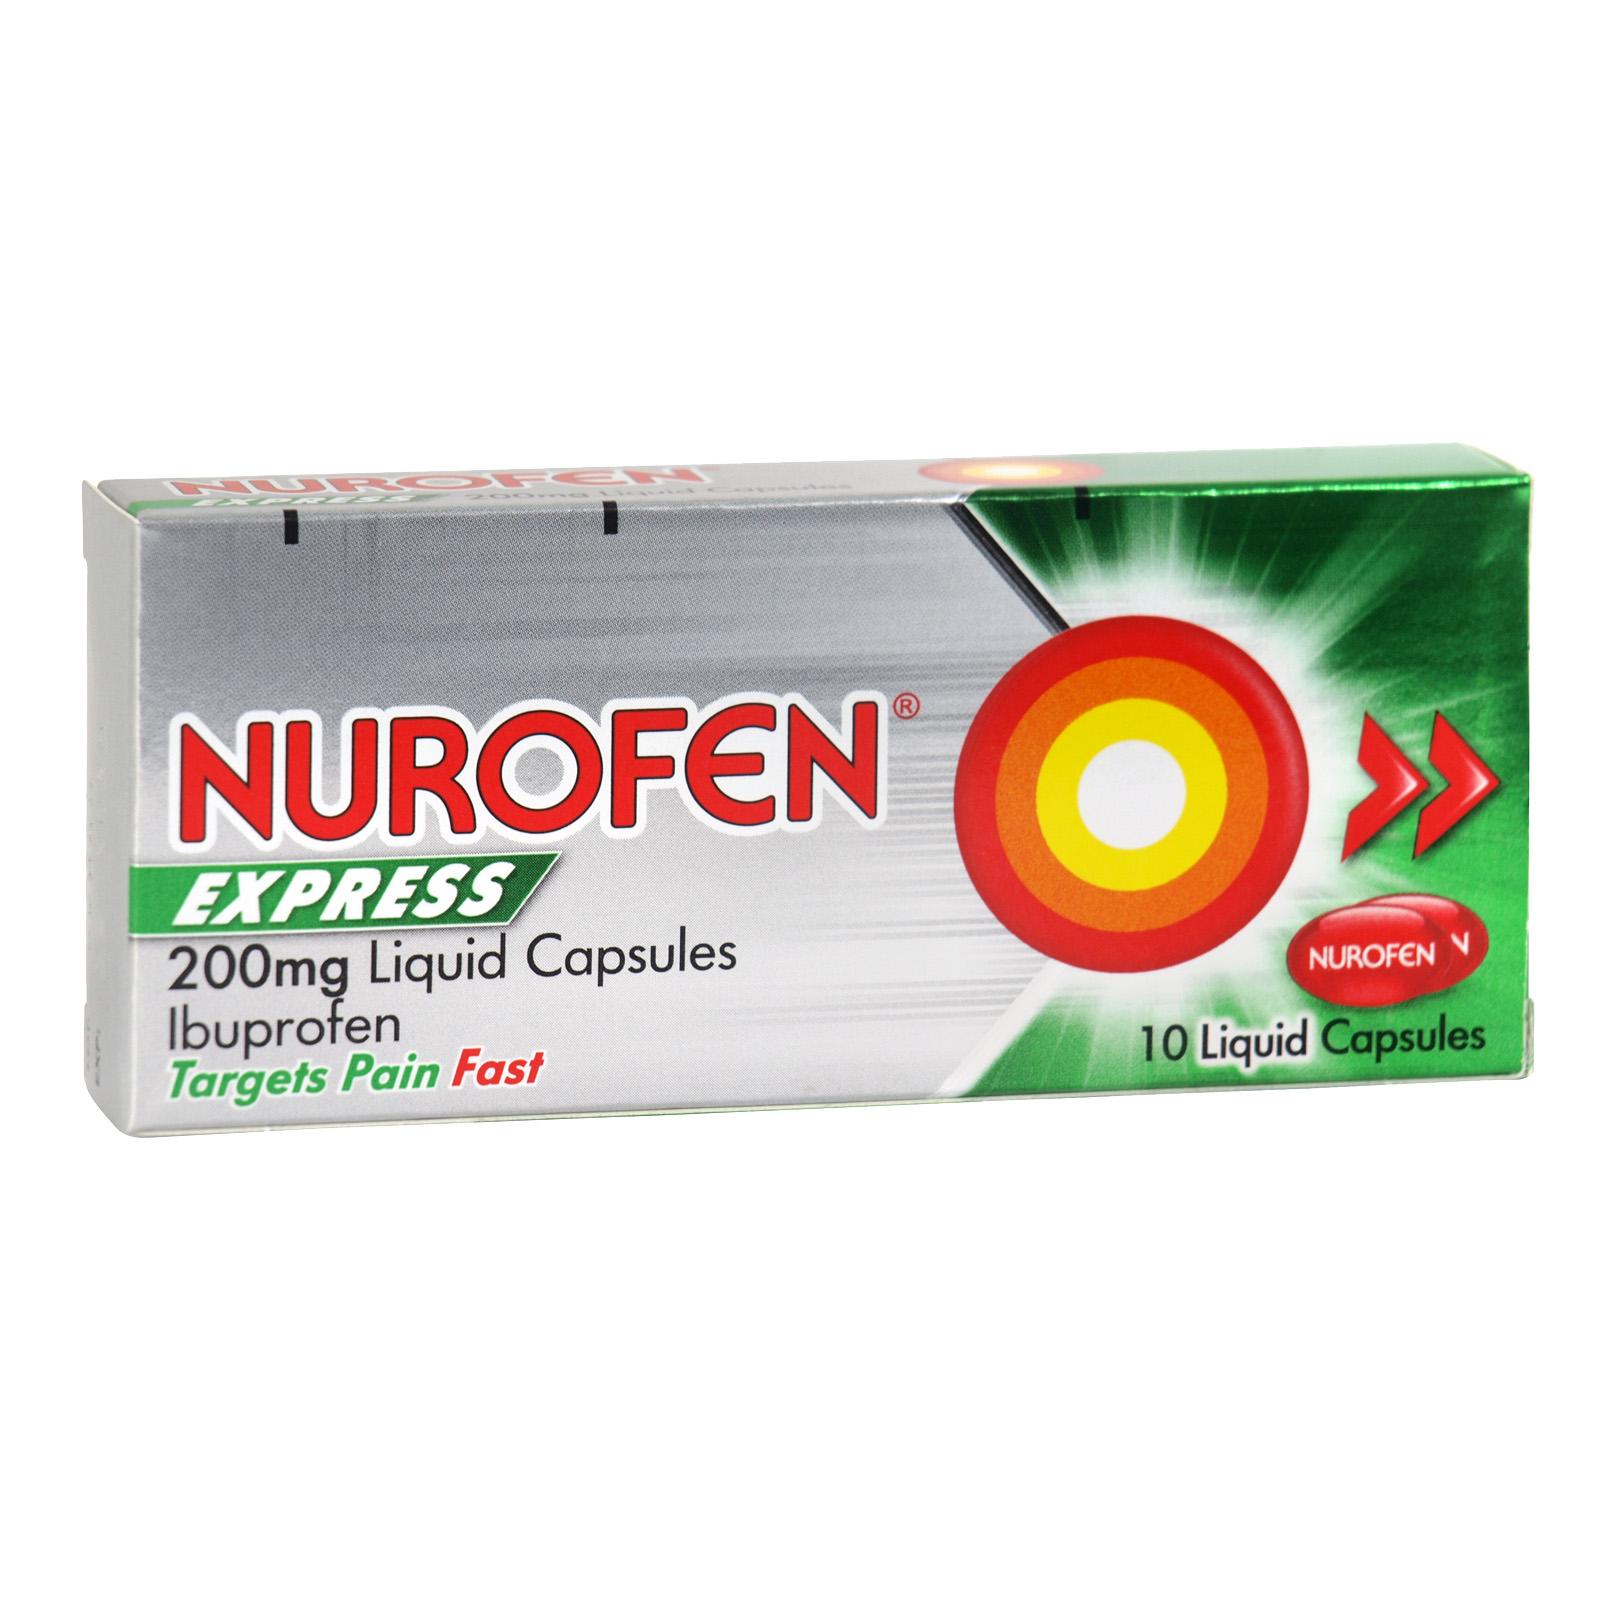 NUROFEN EXPRESS LIQUID CAPS 10X200MG X6 (NON RETURNABLE)